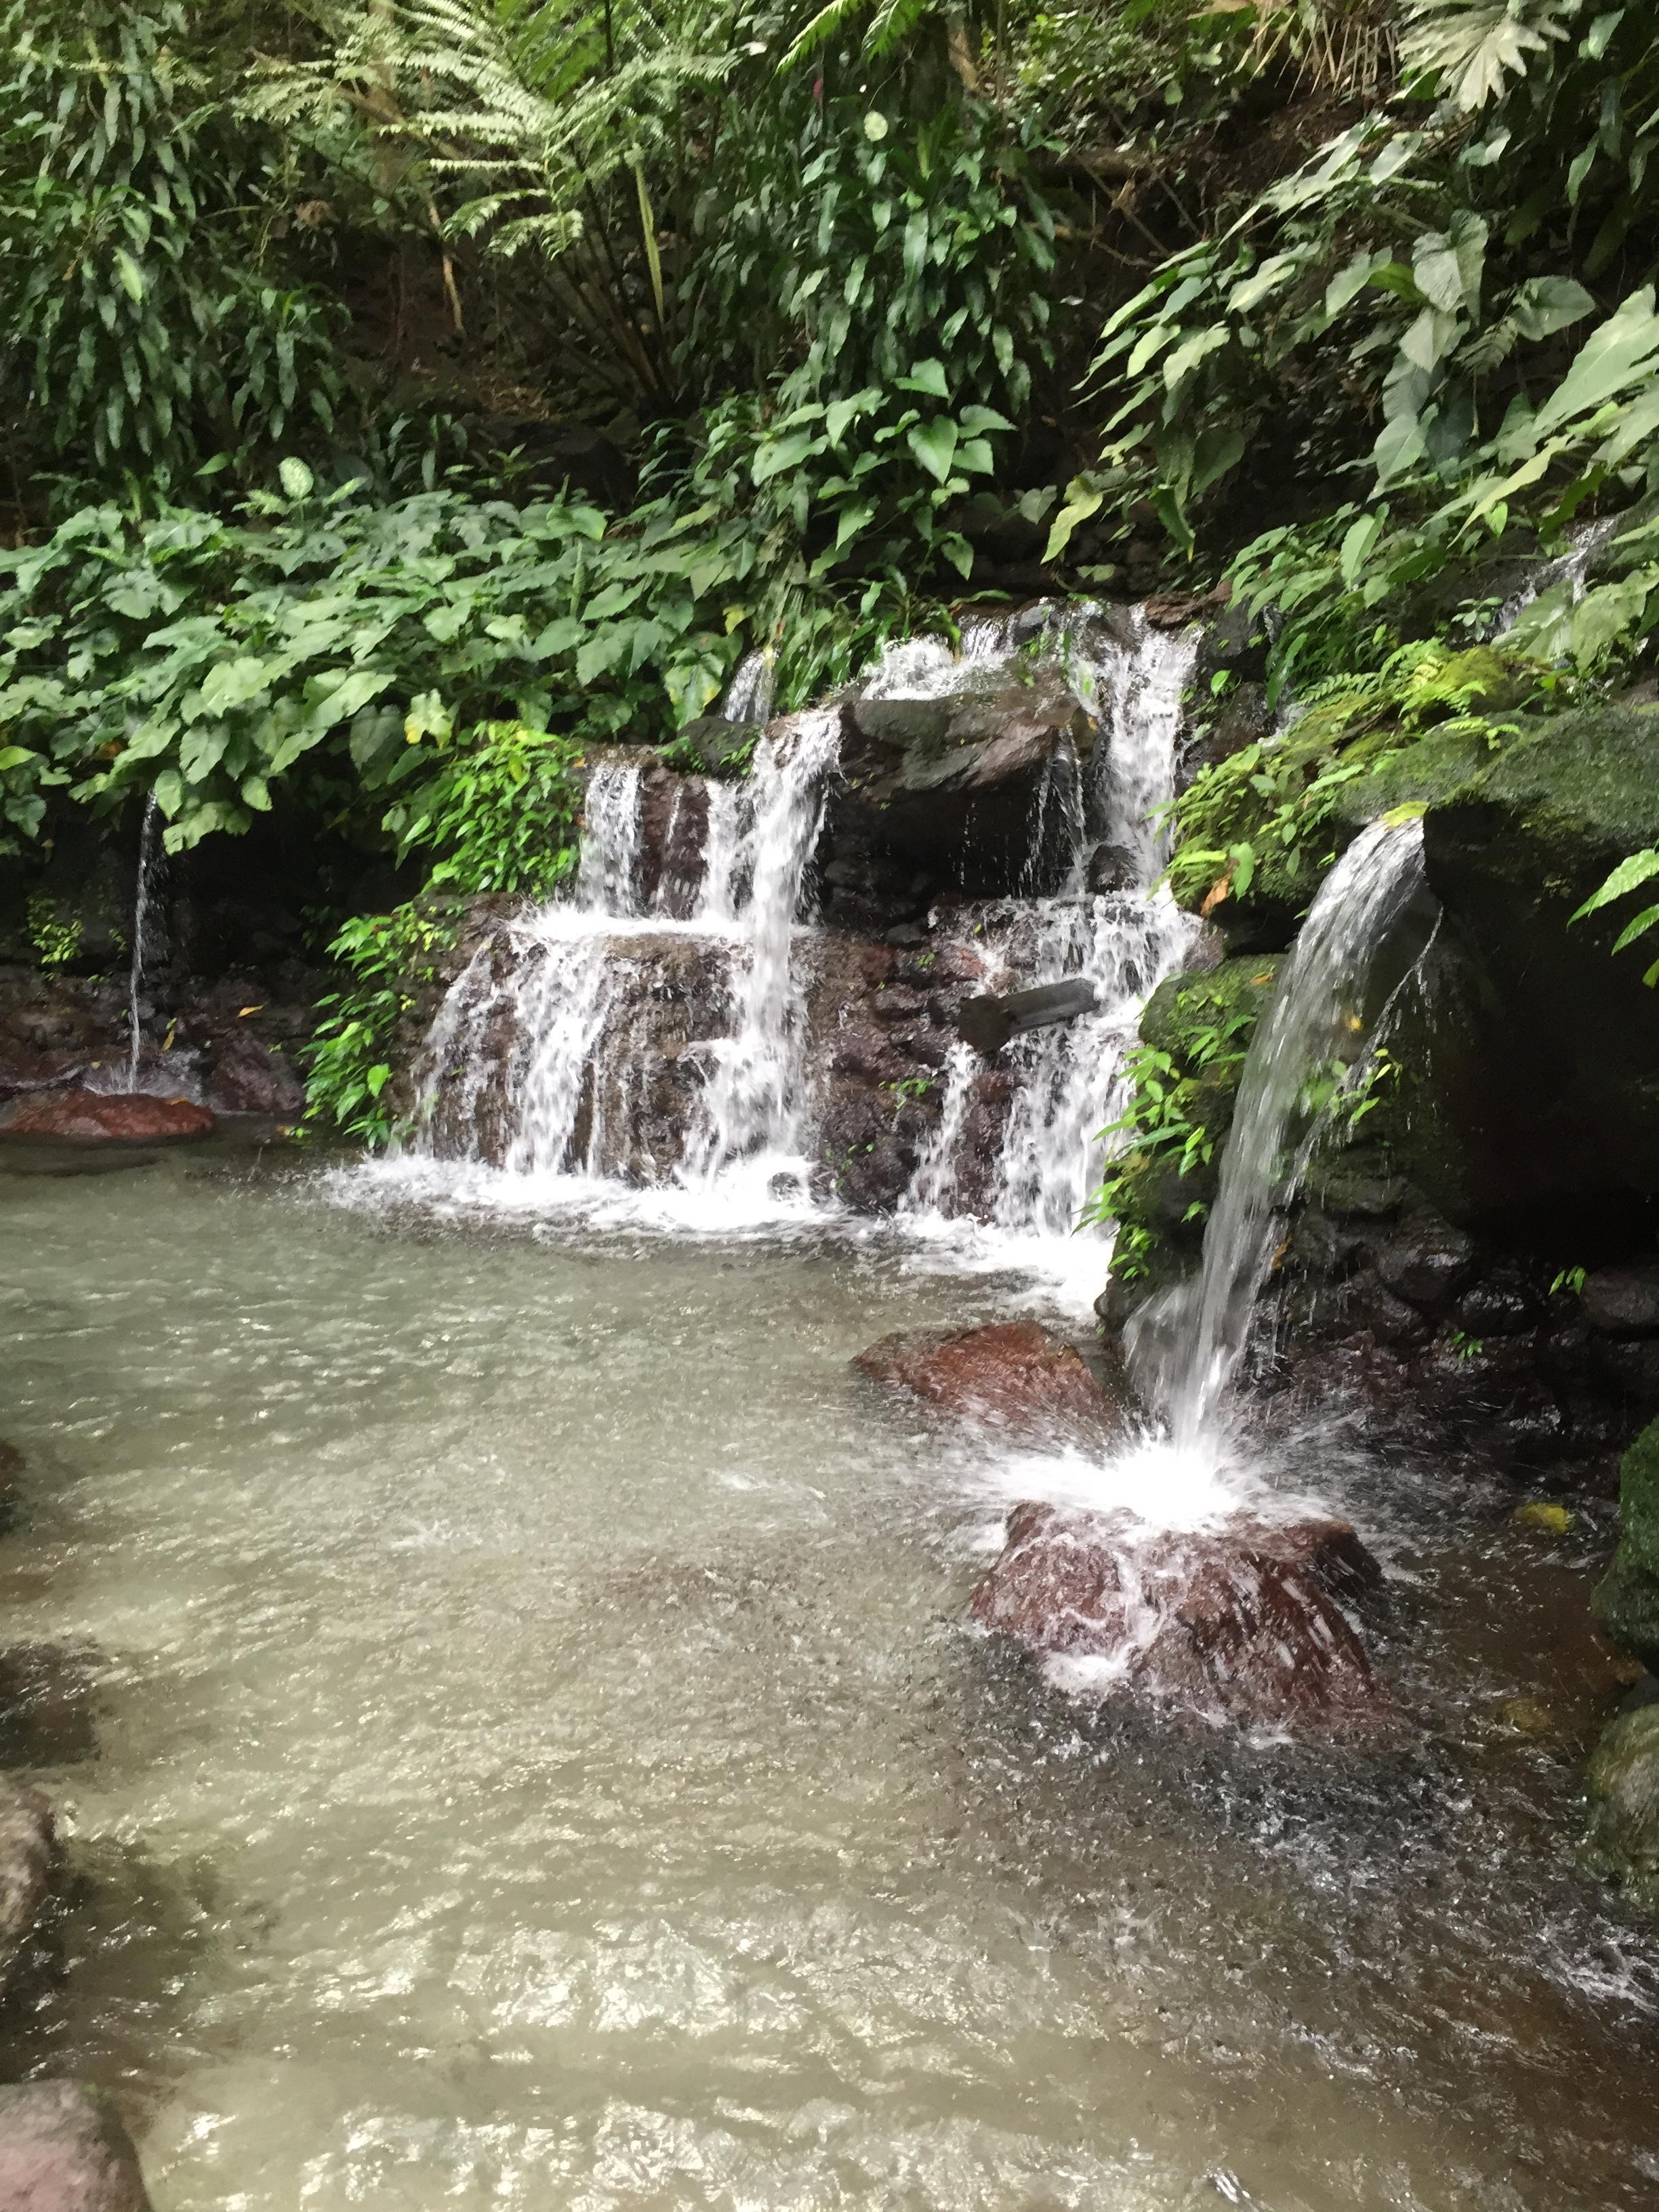 Les cascades du grand bassin (1,60 m de profondeur)